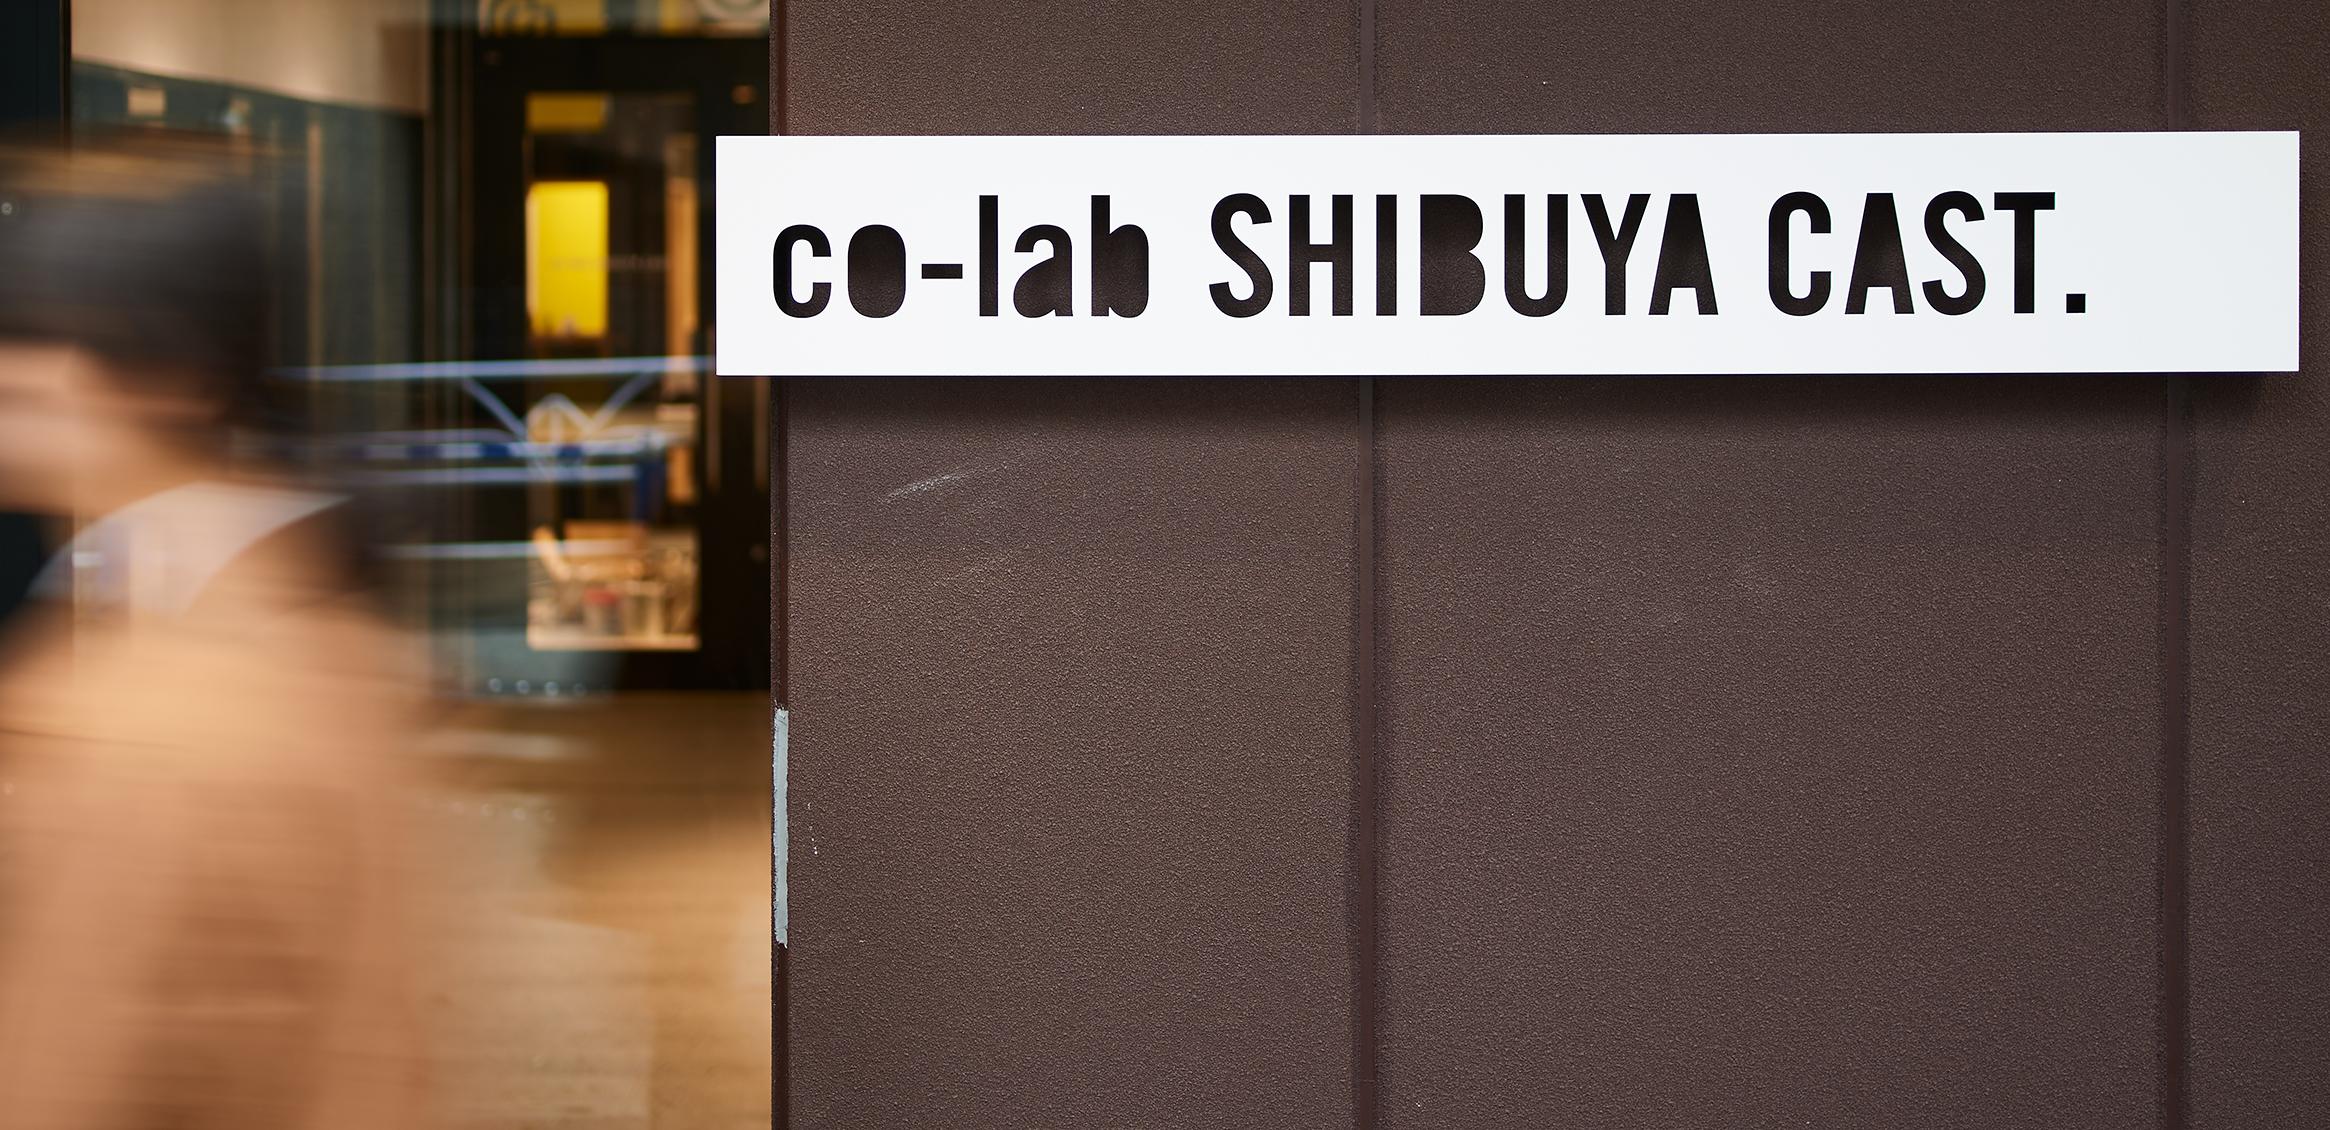 SHIBUYA CAST サイン計画10枚目